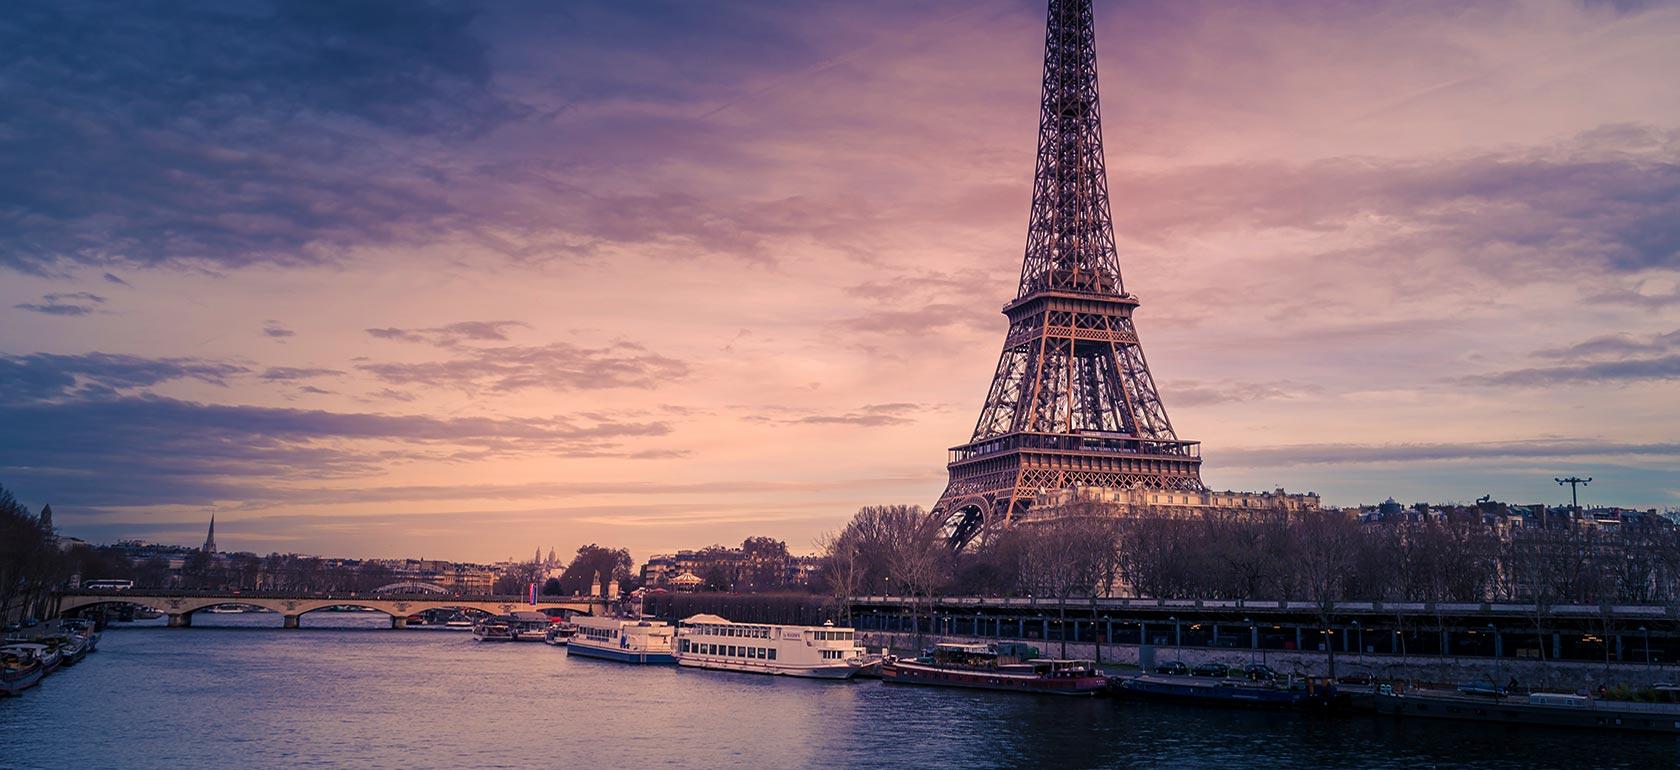 Appart hôtel Paris : comment réserver ?